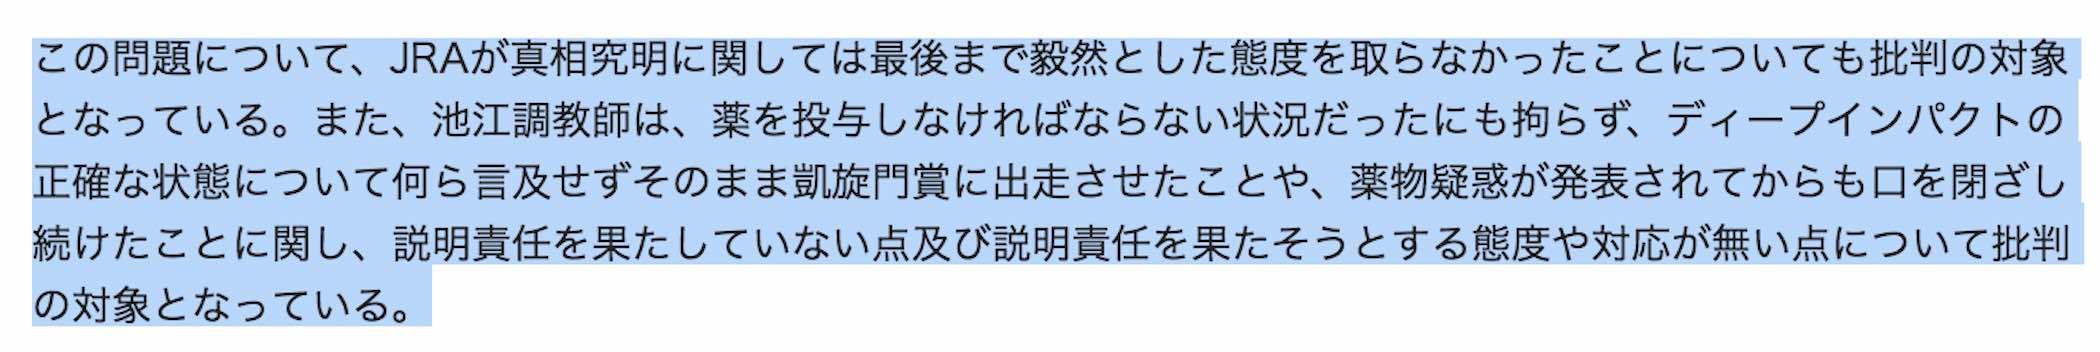 2006年凱旋門賞のディープインパクトについて語らない池江調教師の情報